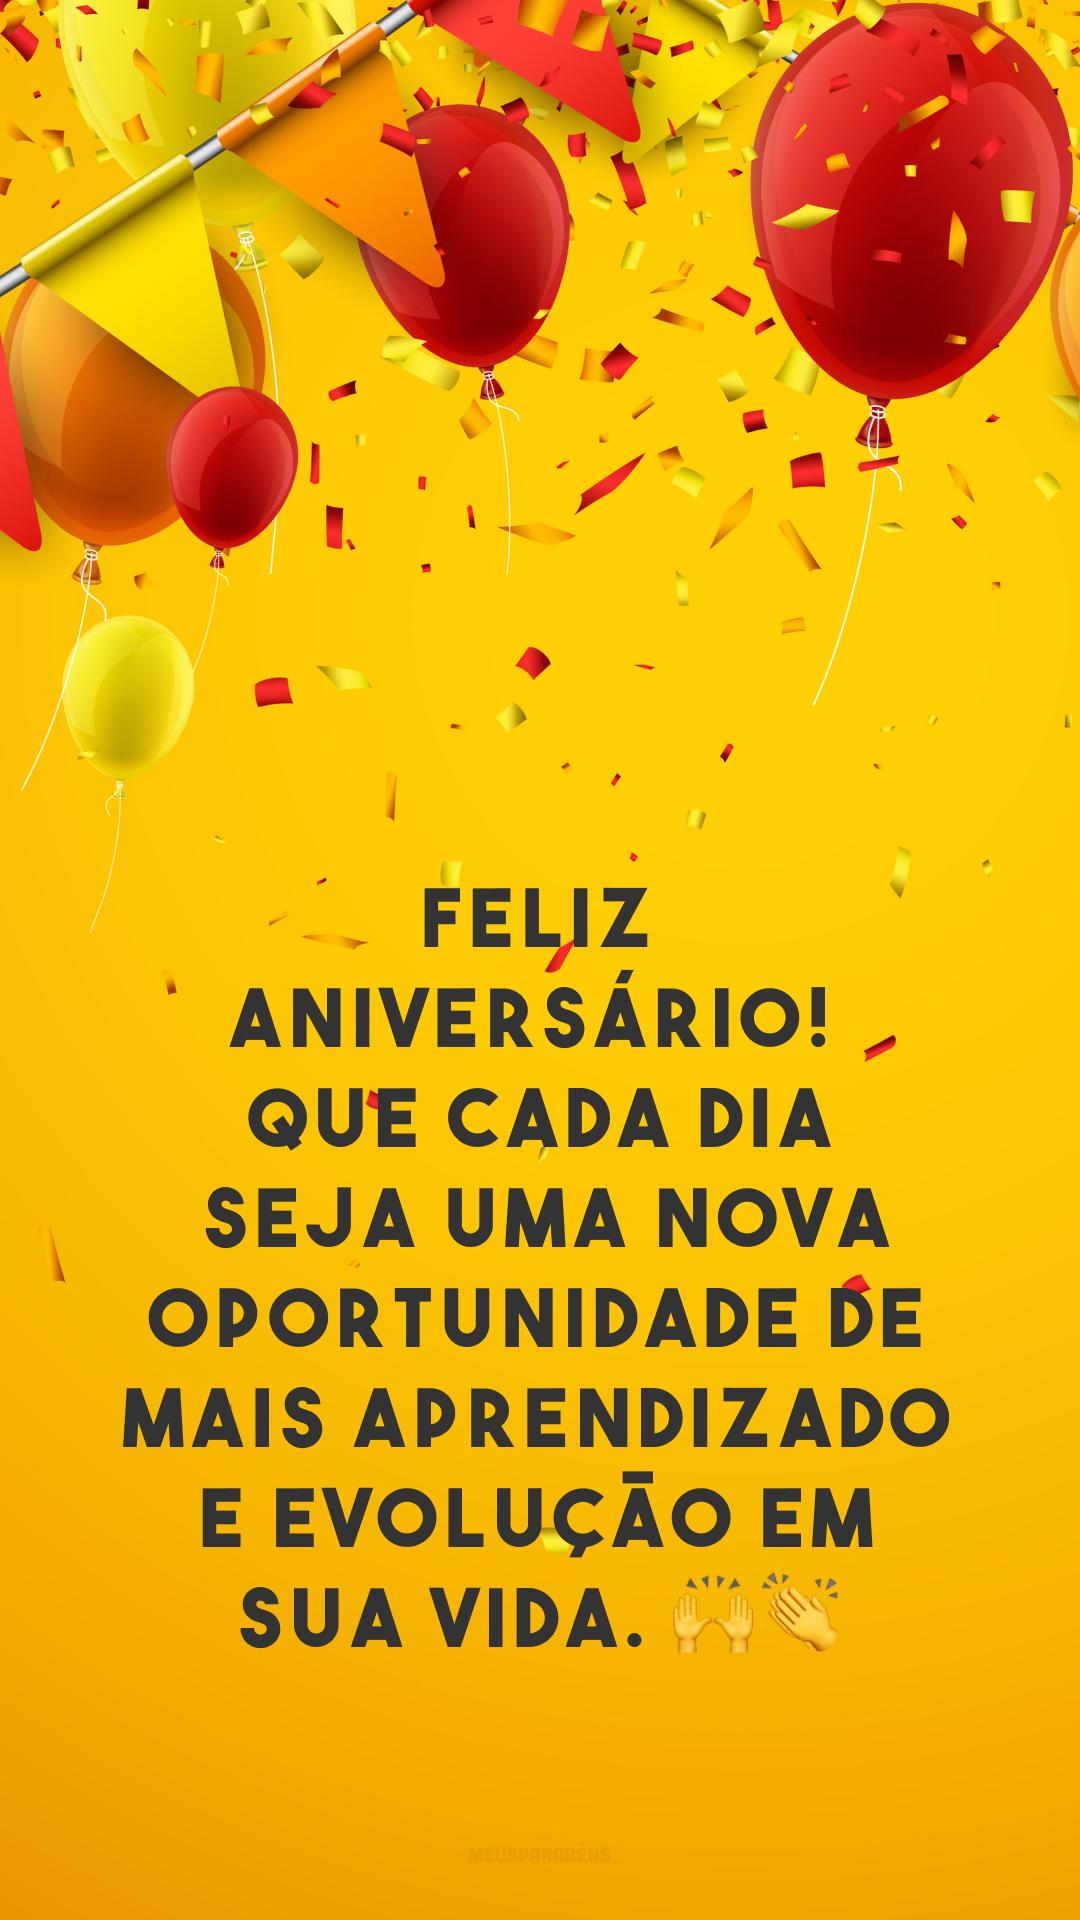 Feliz aniversário! Que cada dia seja uma nova oportunidade de mais aprendizado e evolução em sua vida. 🙌👏